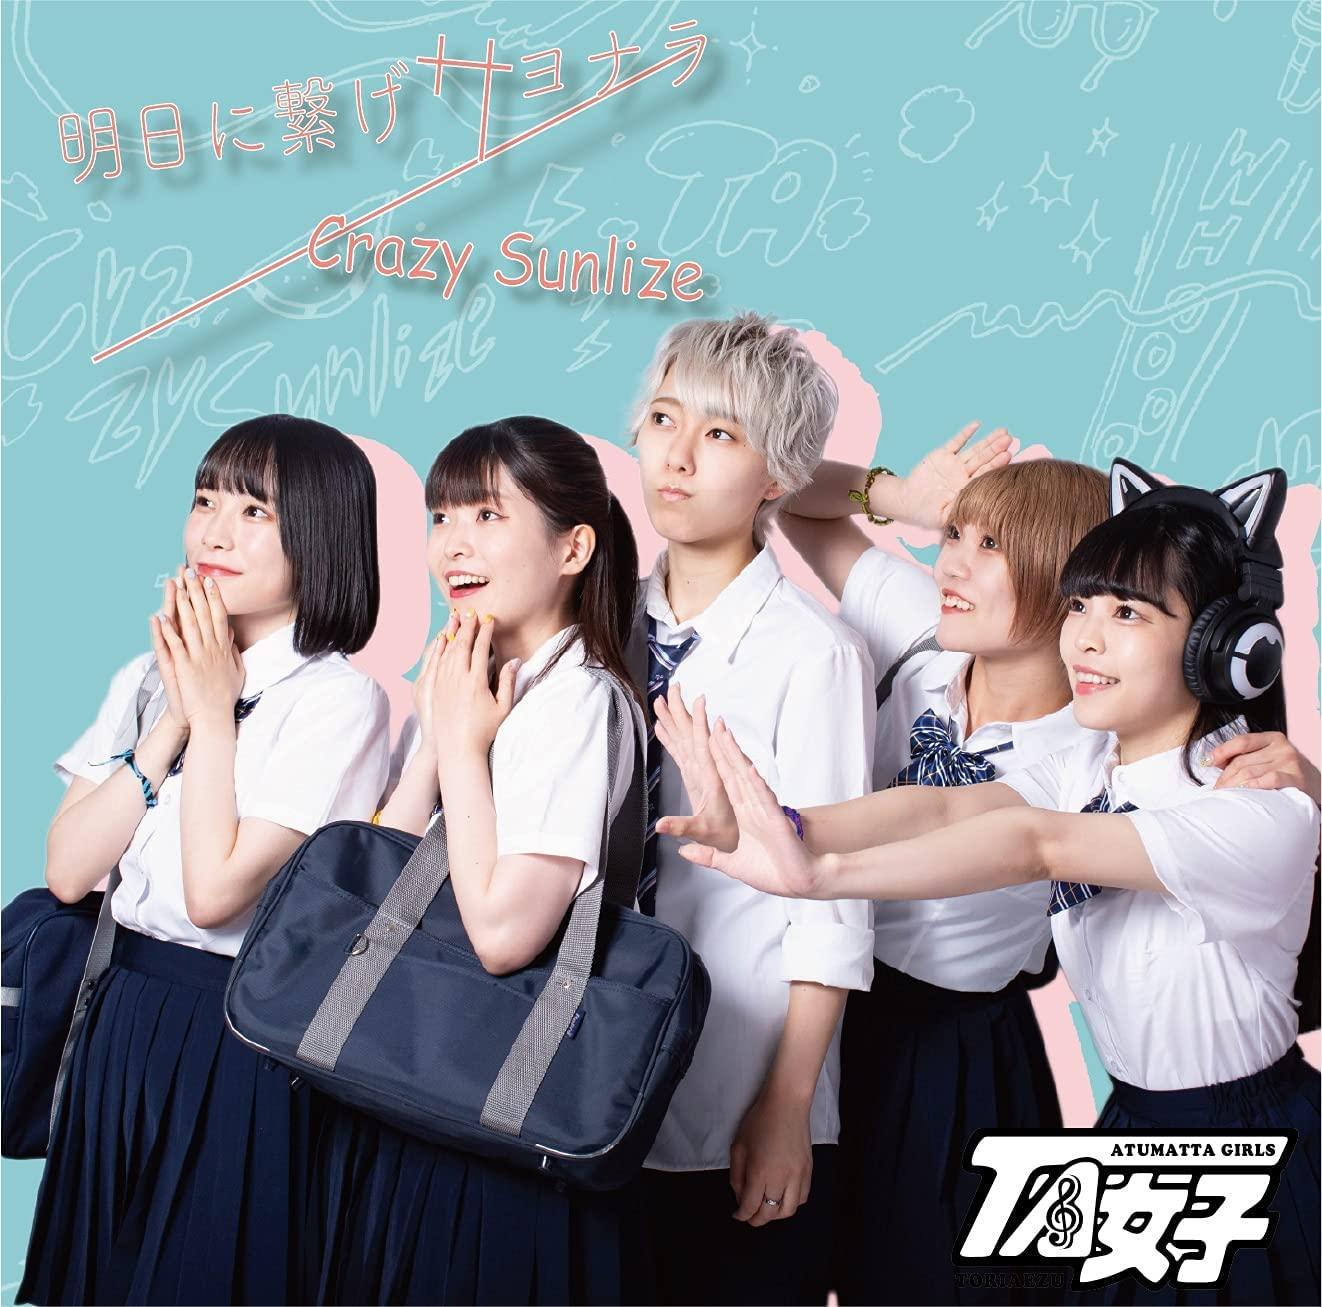 「明日に繋げサヨナラ」/「Crazy Sunlize」 C盤